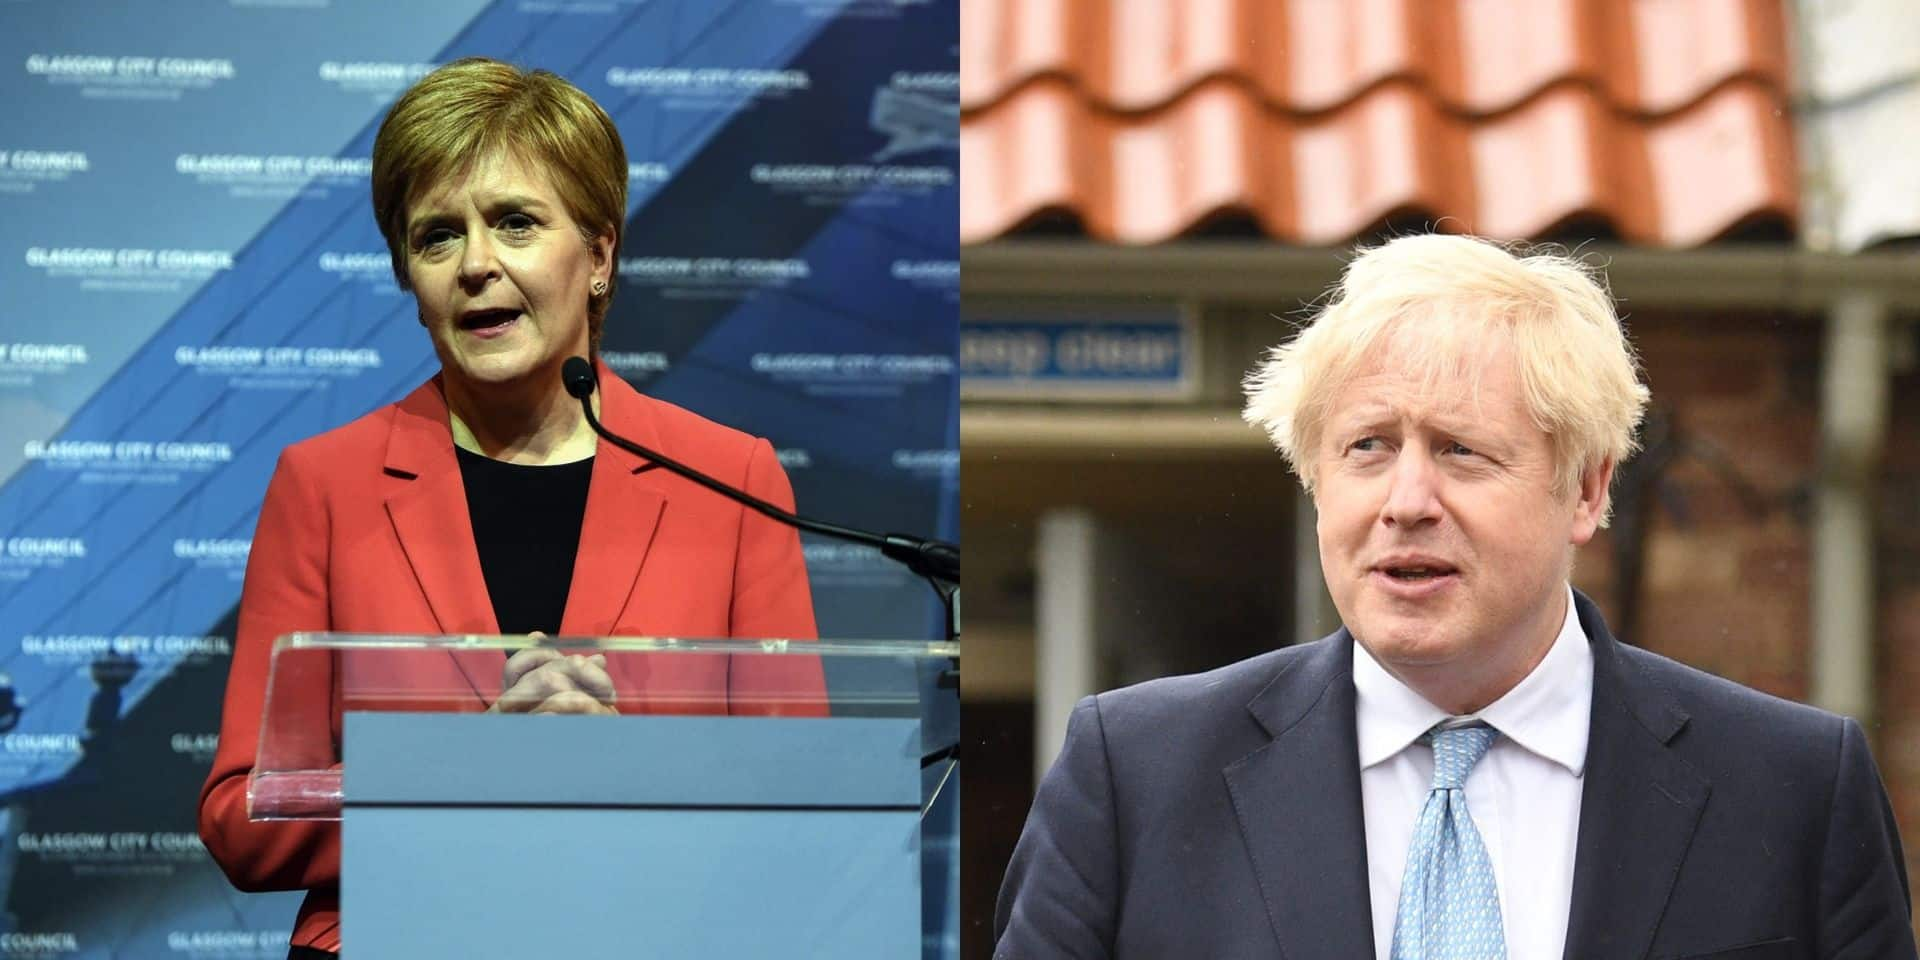 """Bras de fer entre Londres et Edimbourg sur le référendum d'indépendance écossais : """"Ce serait absurde et complètement scandaleux"""""""